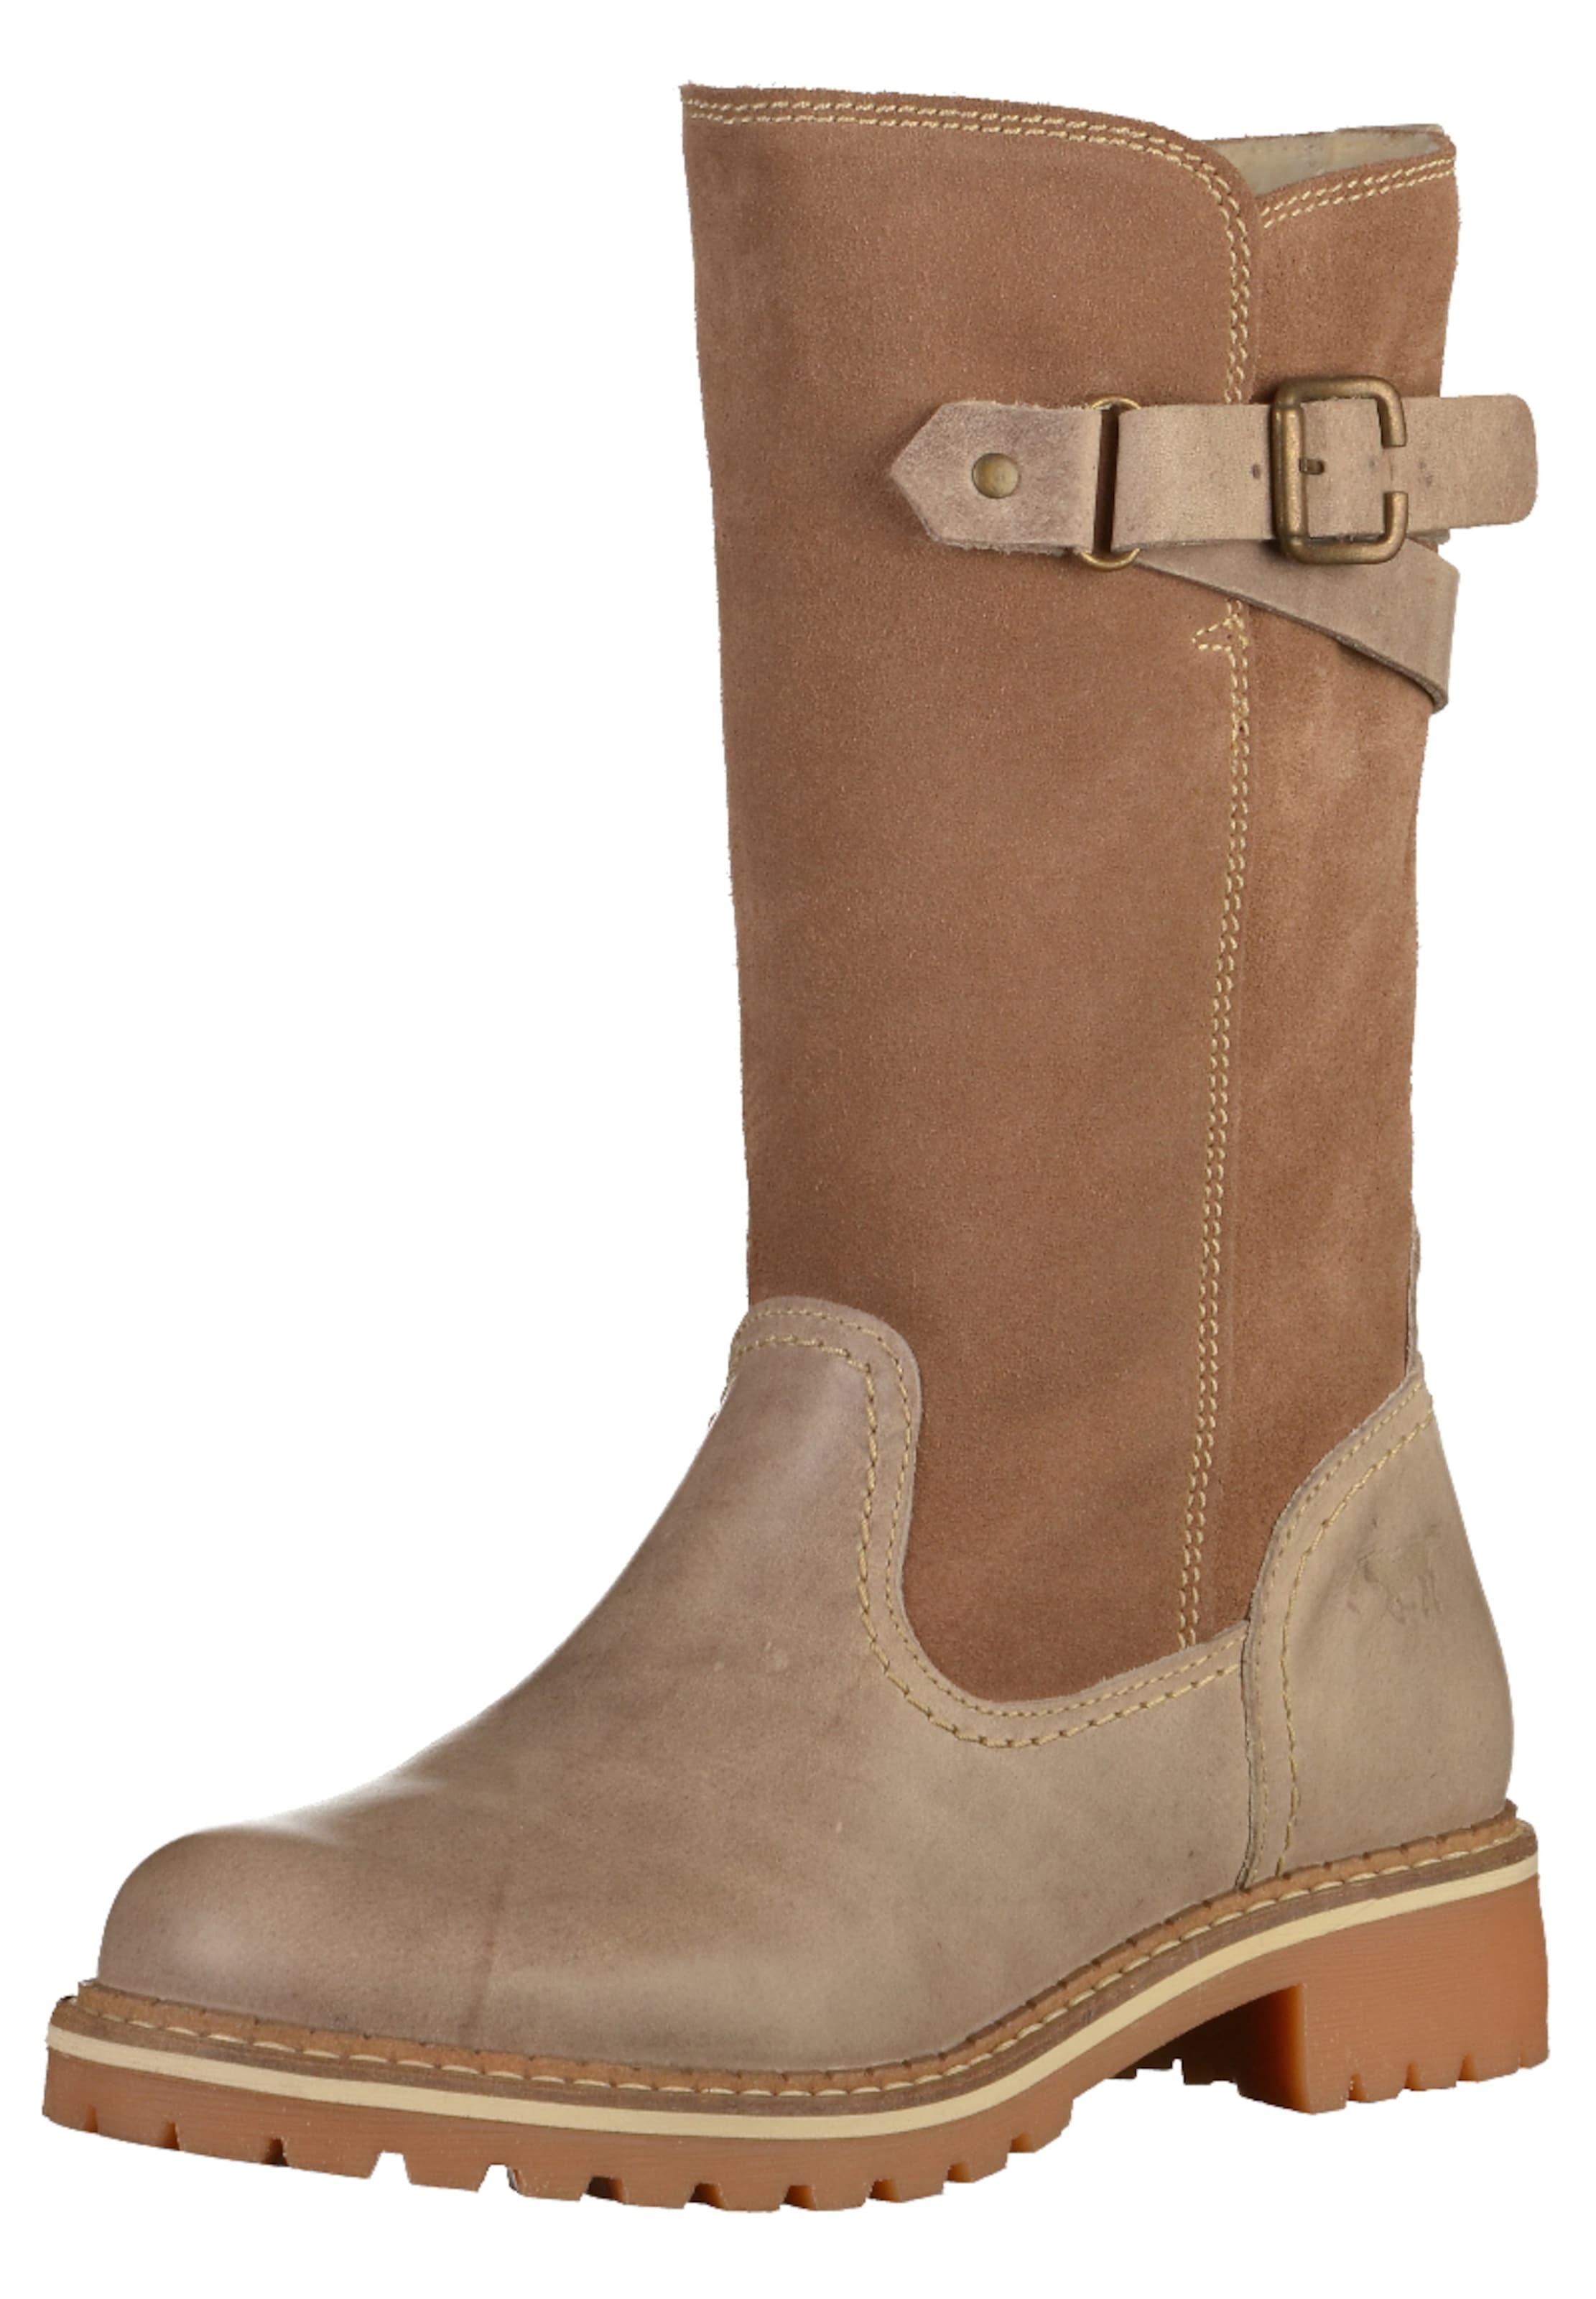 MUSTANG Stiefel Verschleißfeste billige Schuhe Hohe Qualität